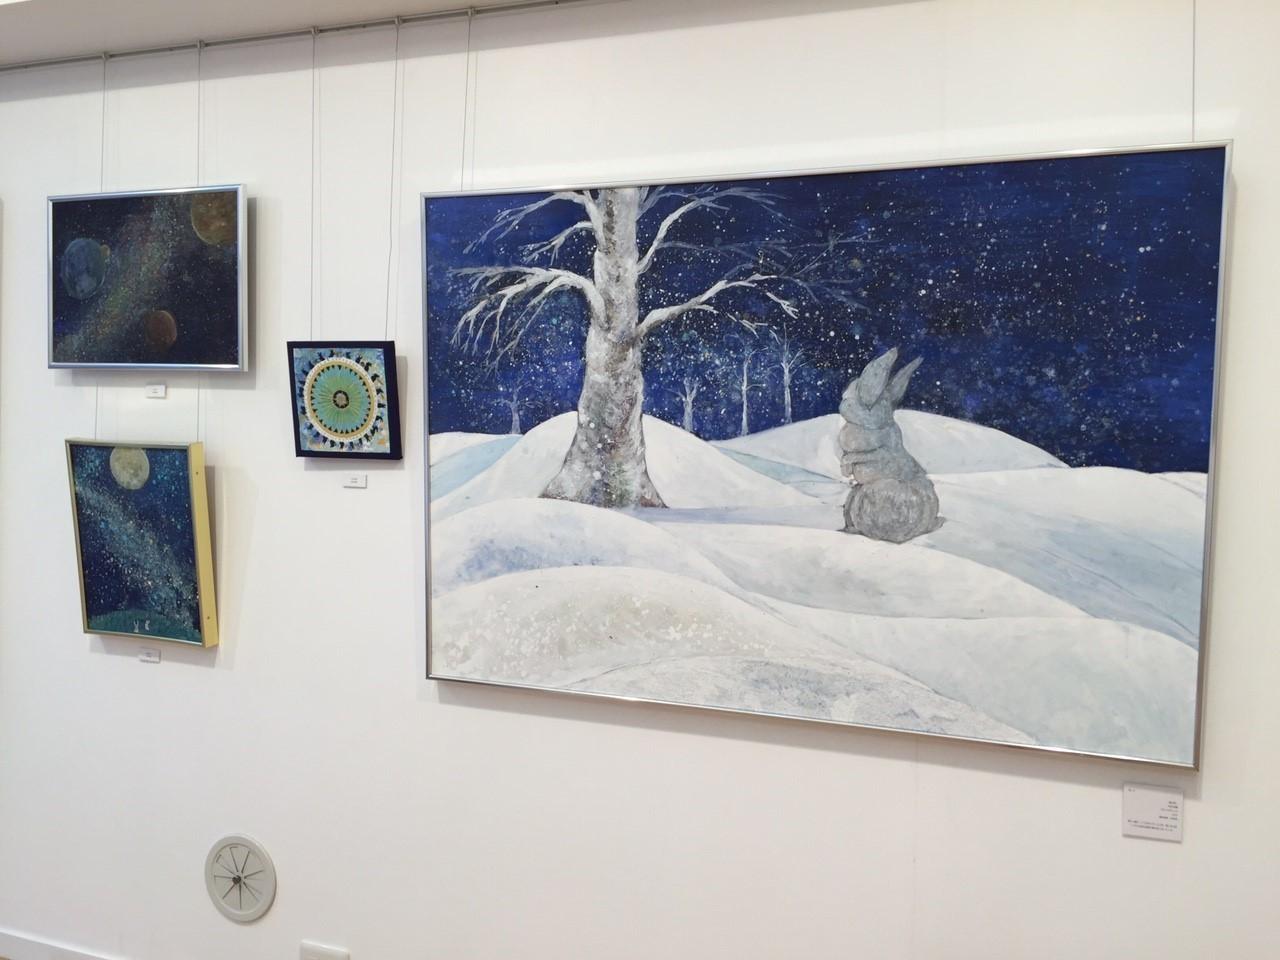 はらづもり展 3日目: art gallery, on the wind blog